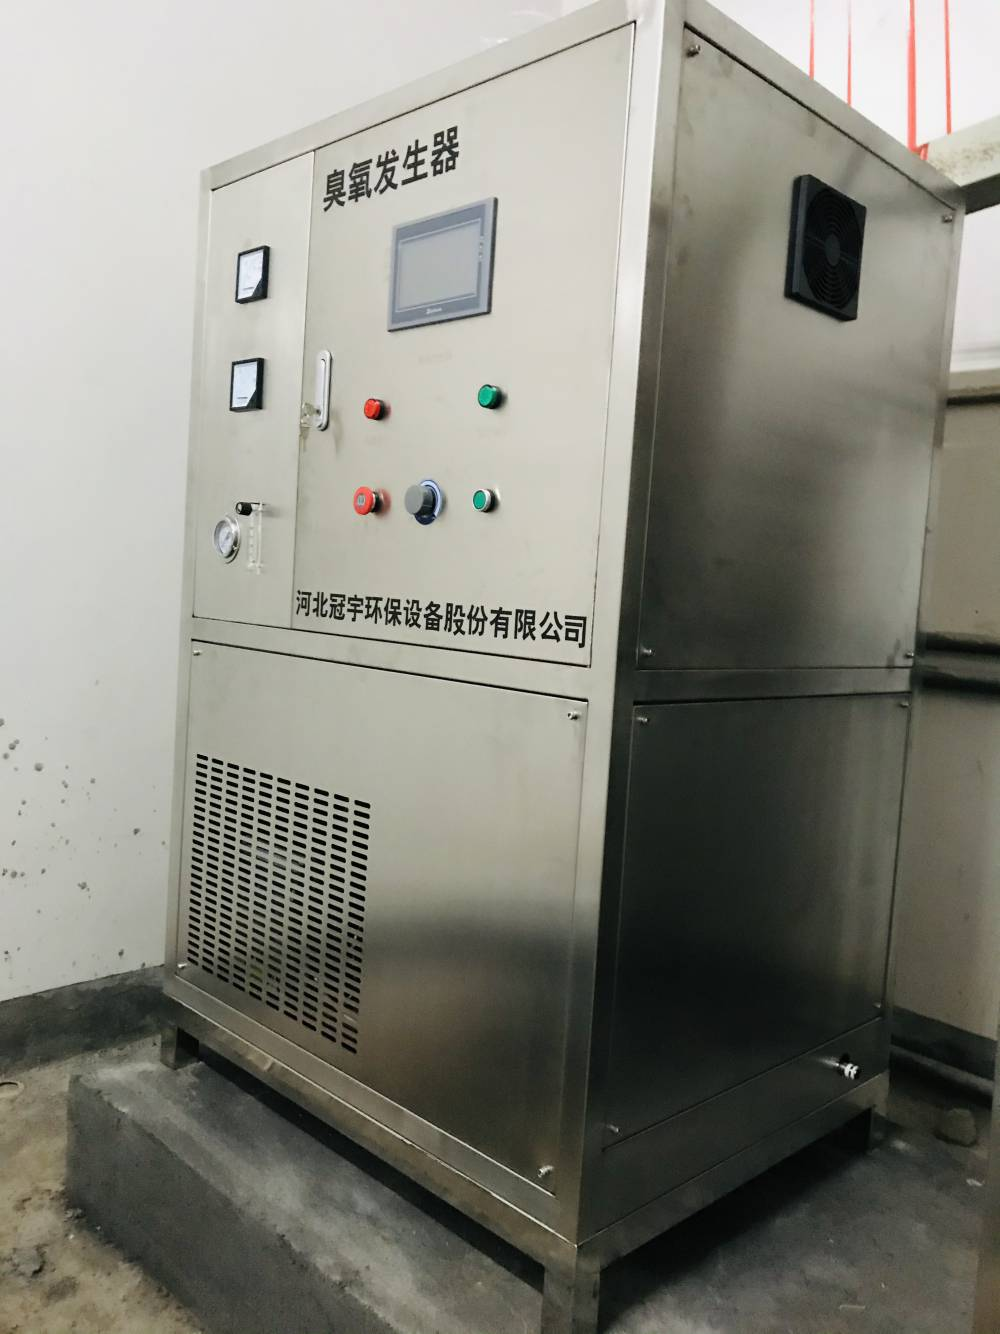 泳池水处理500g臭氧发生器安装实例